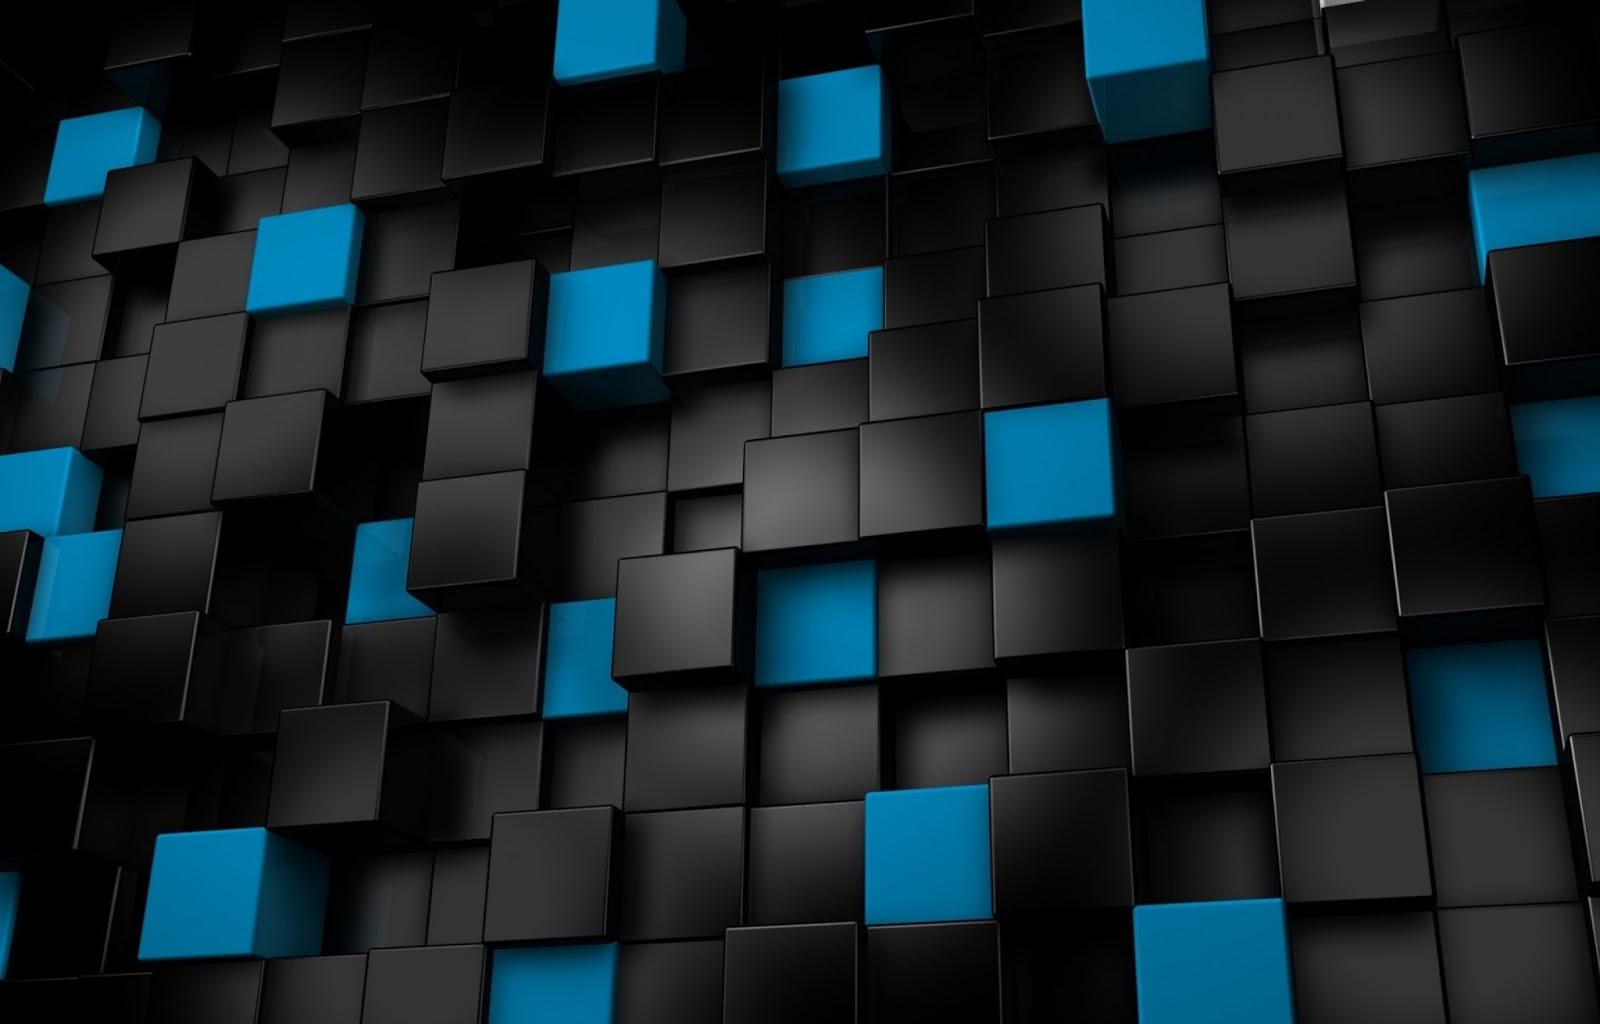 download Block wallpapers Desktop Backgrounds 2019 [1600x1024 1600x1024